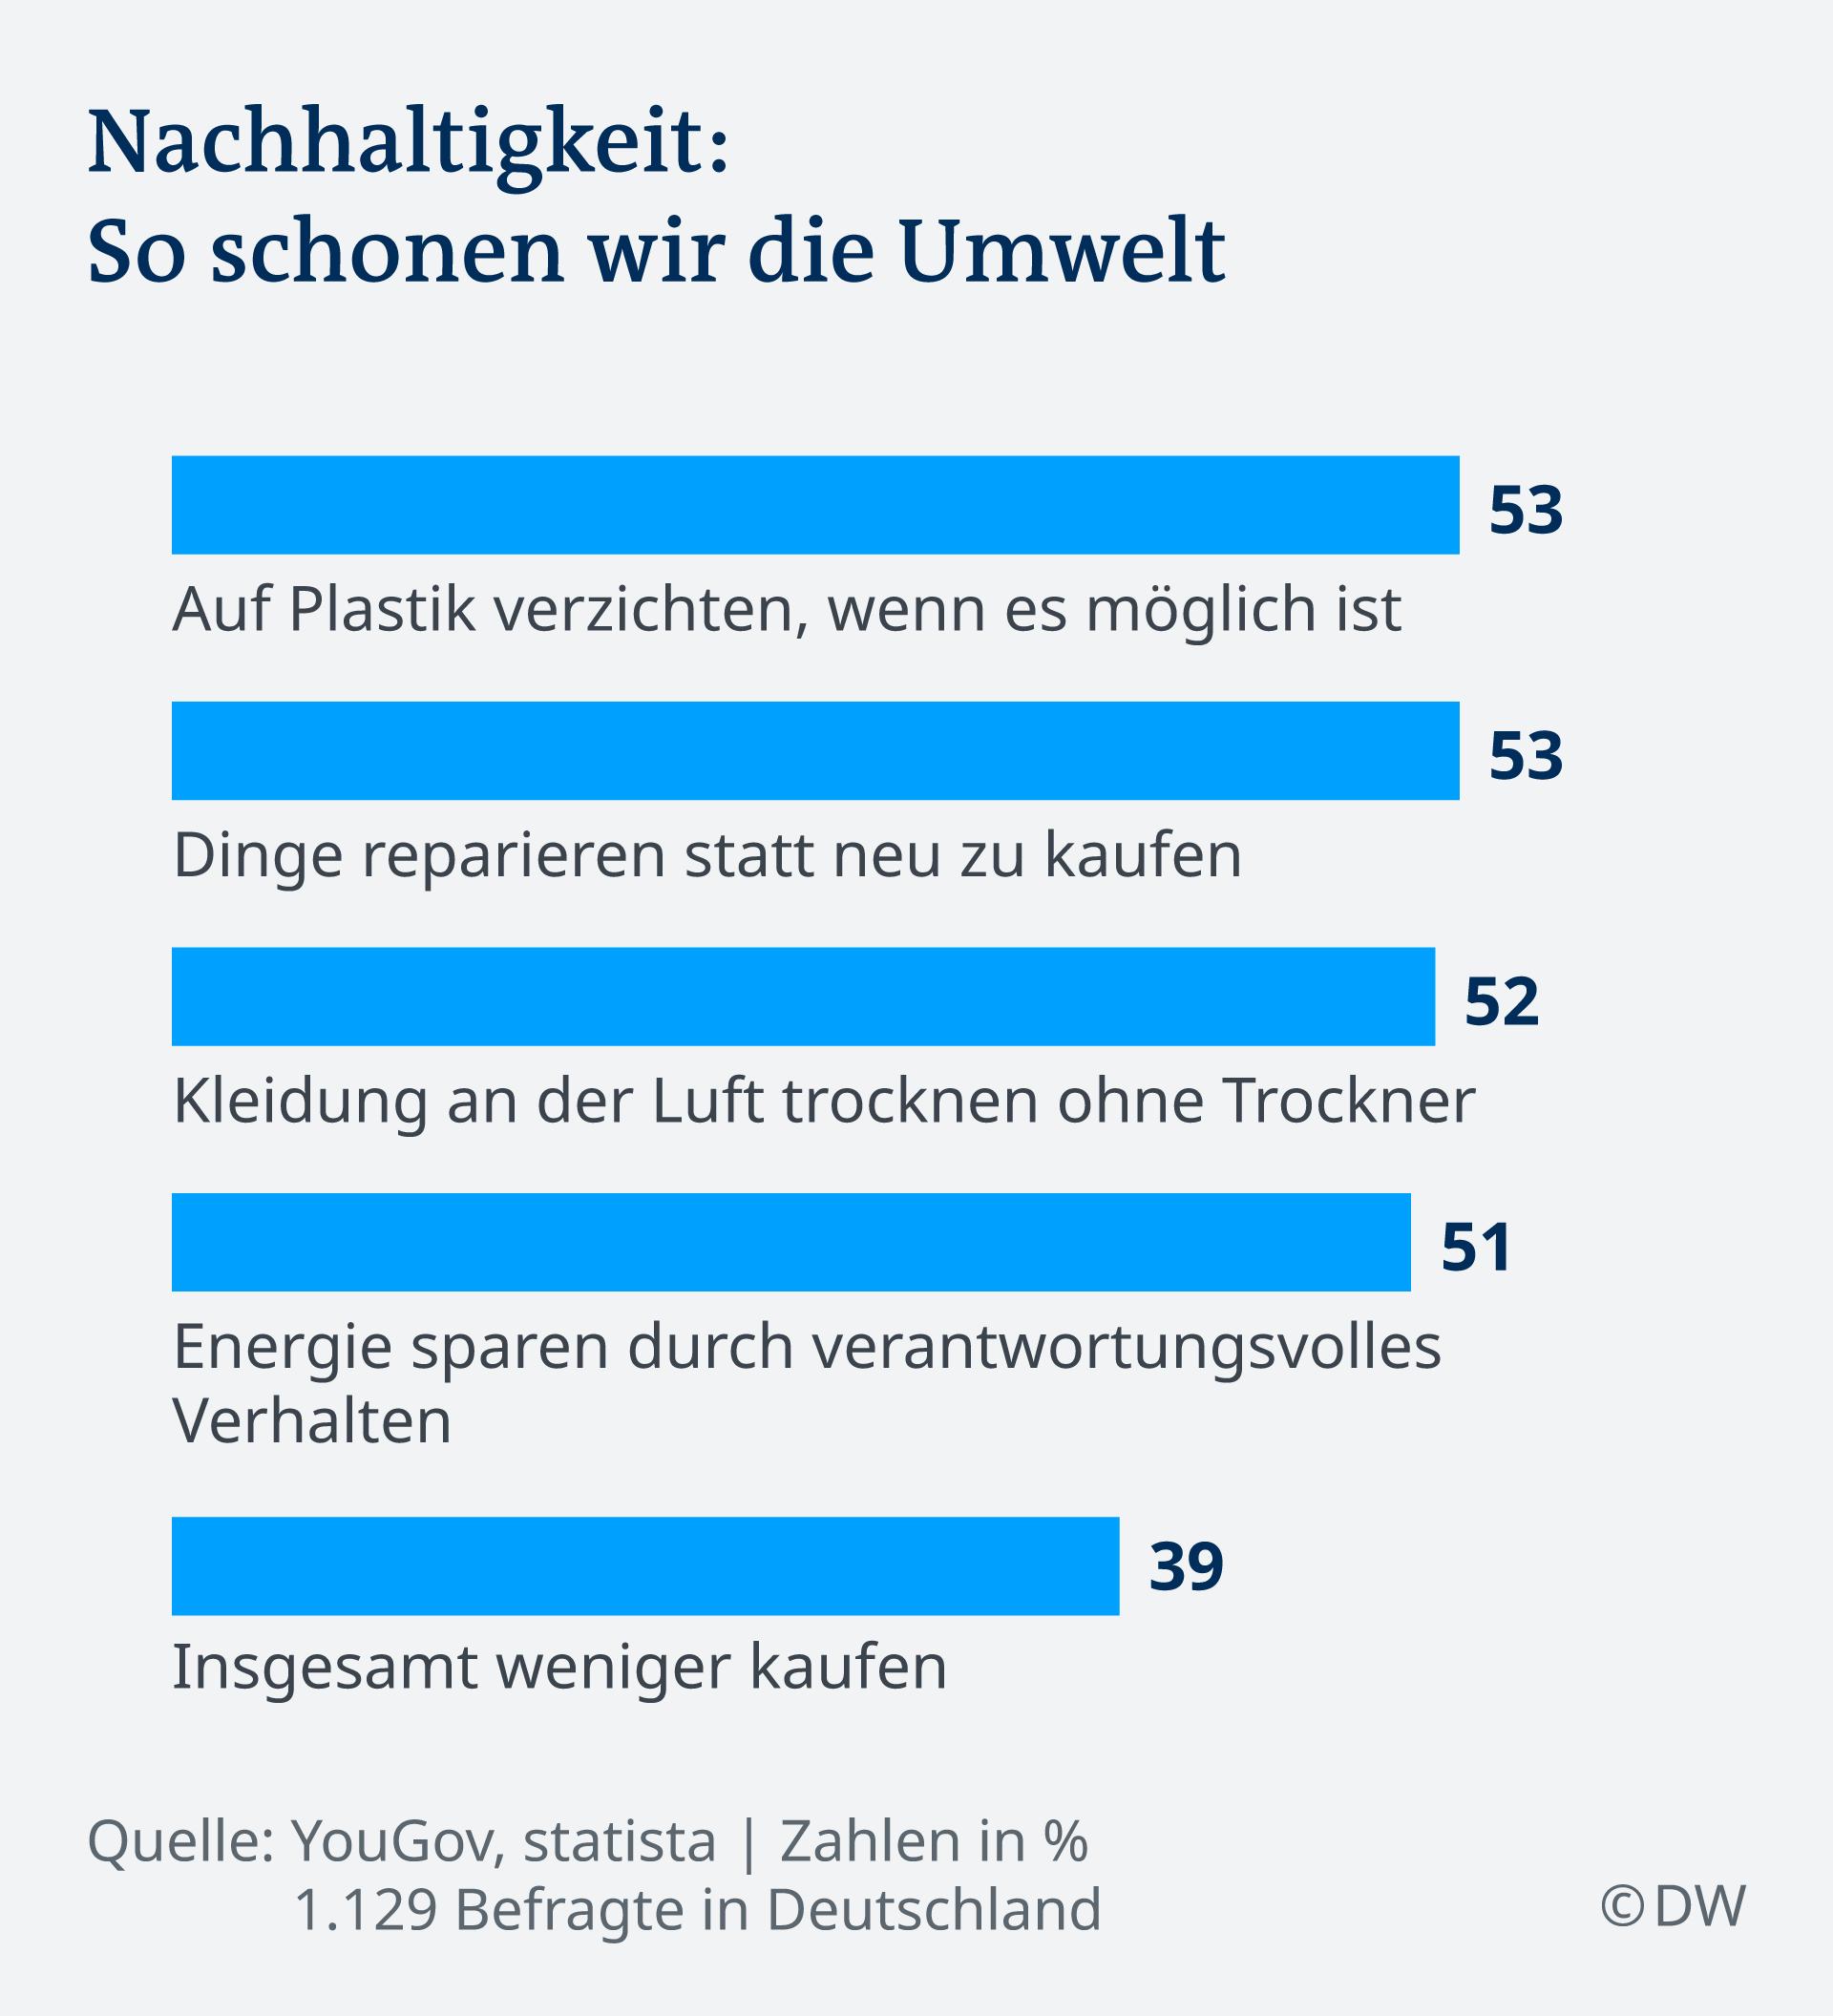 Infografik zu Nachhaltigkeitsmaßnahmen in Deutschland